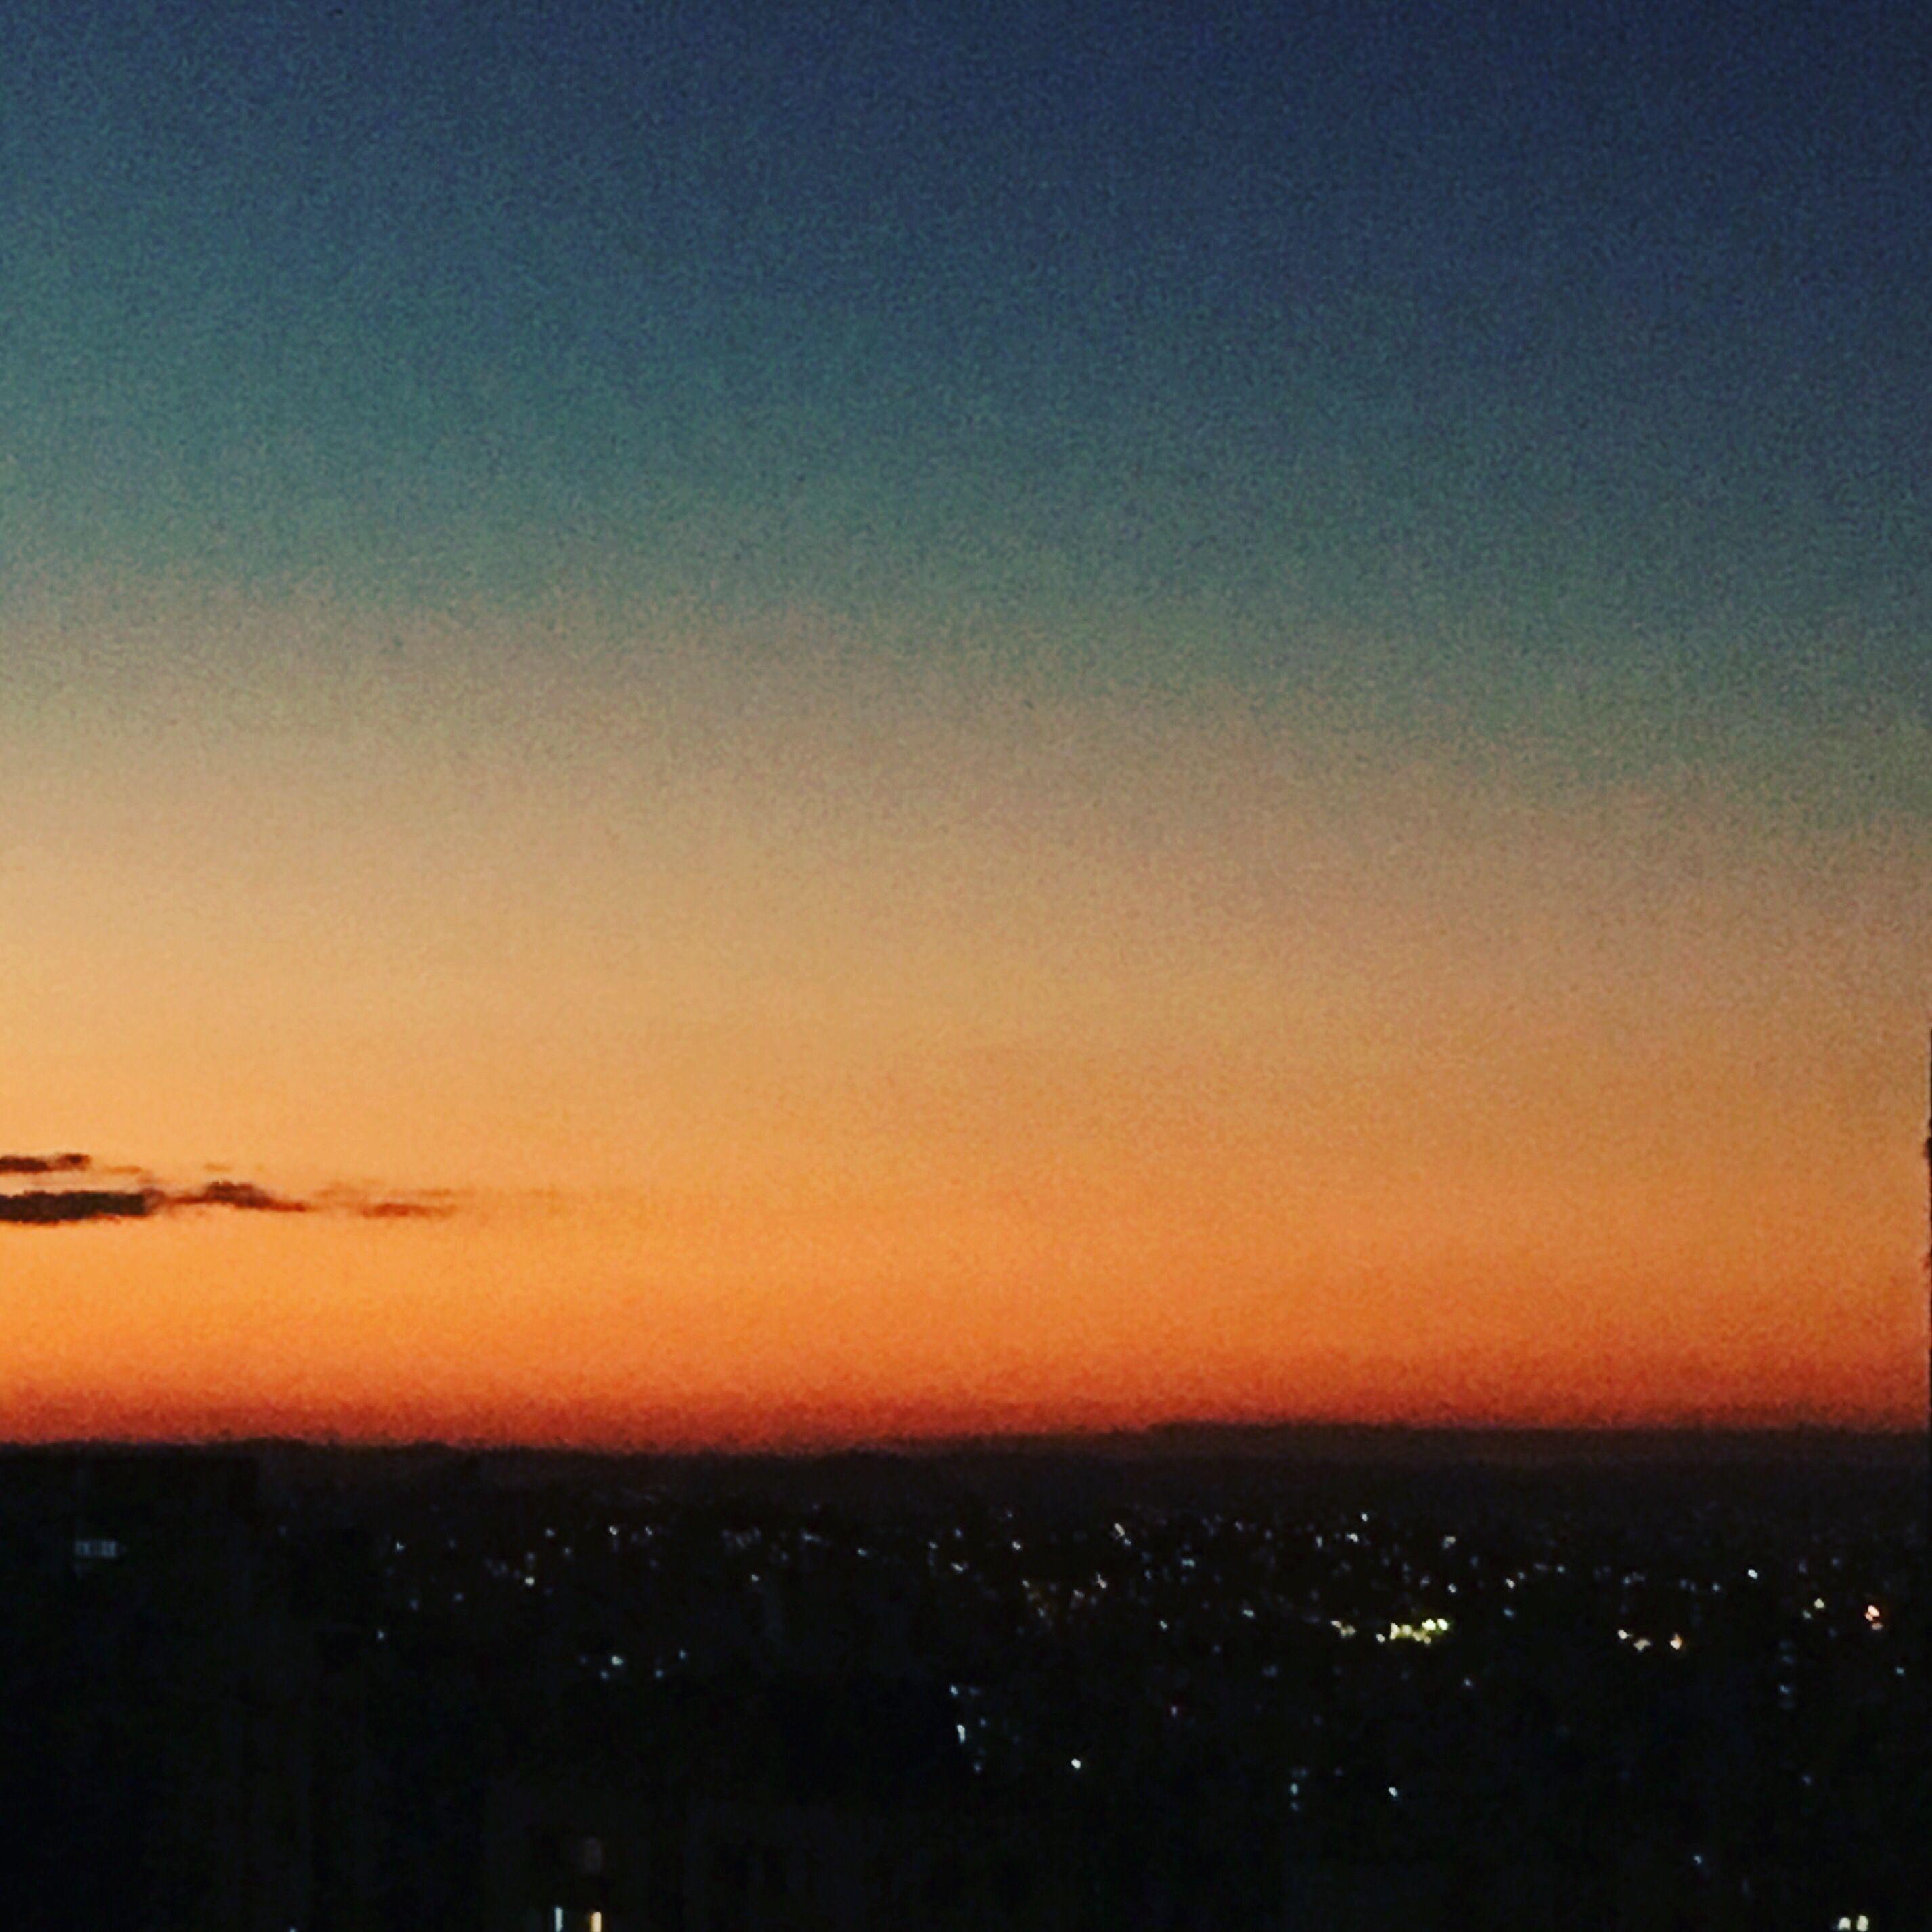 Outono - Belo Horizonte /MG